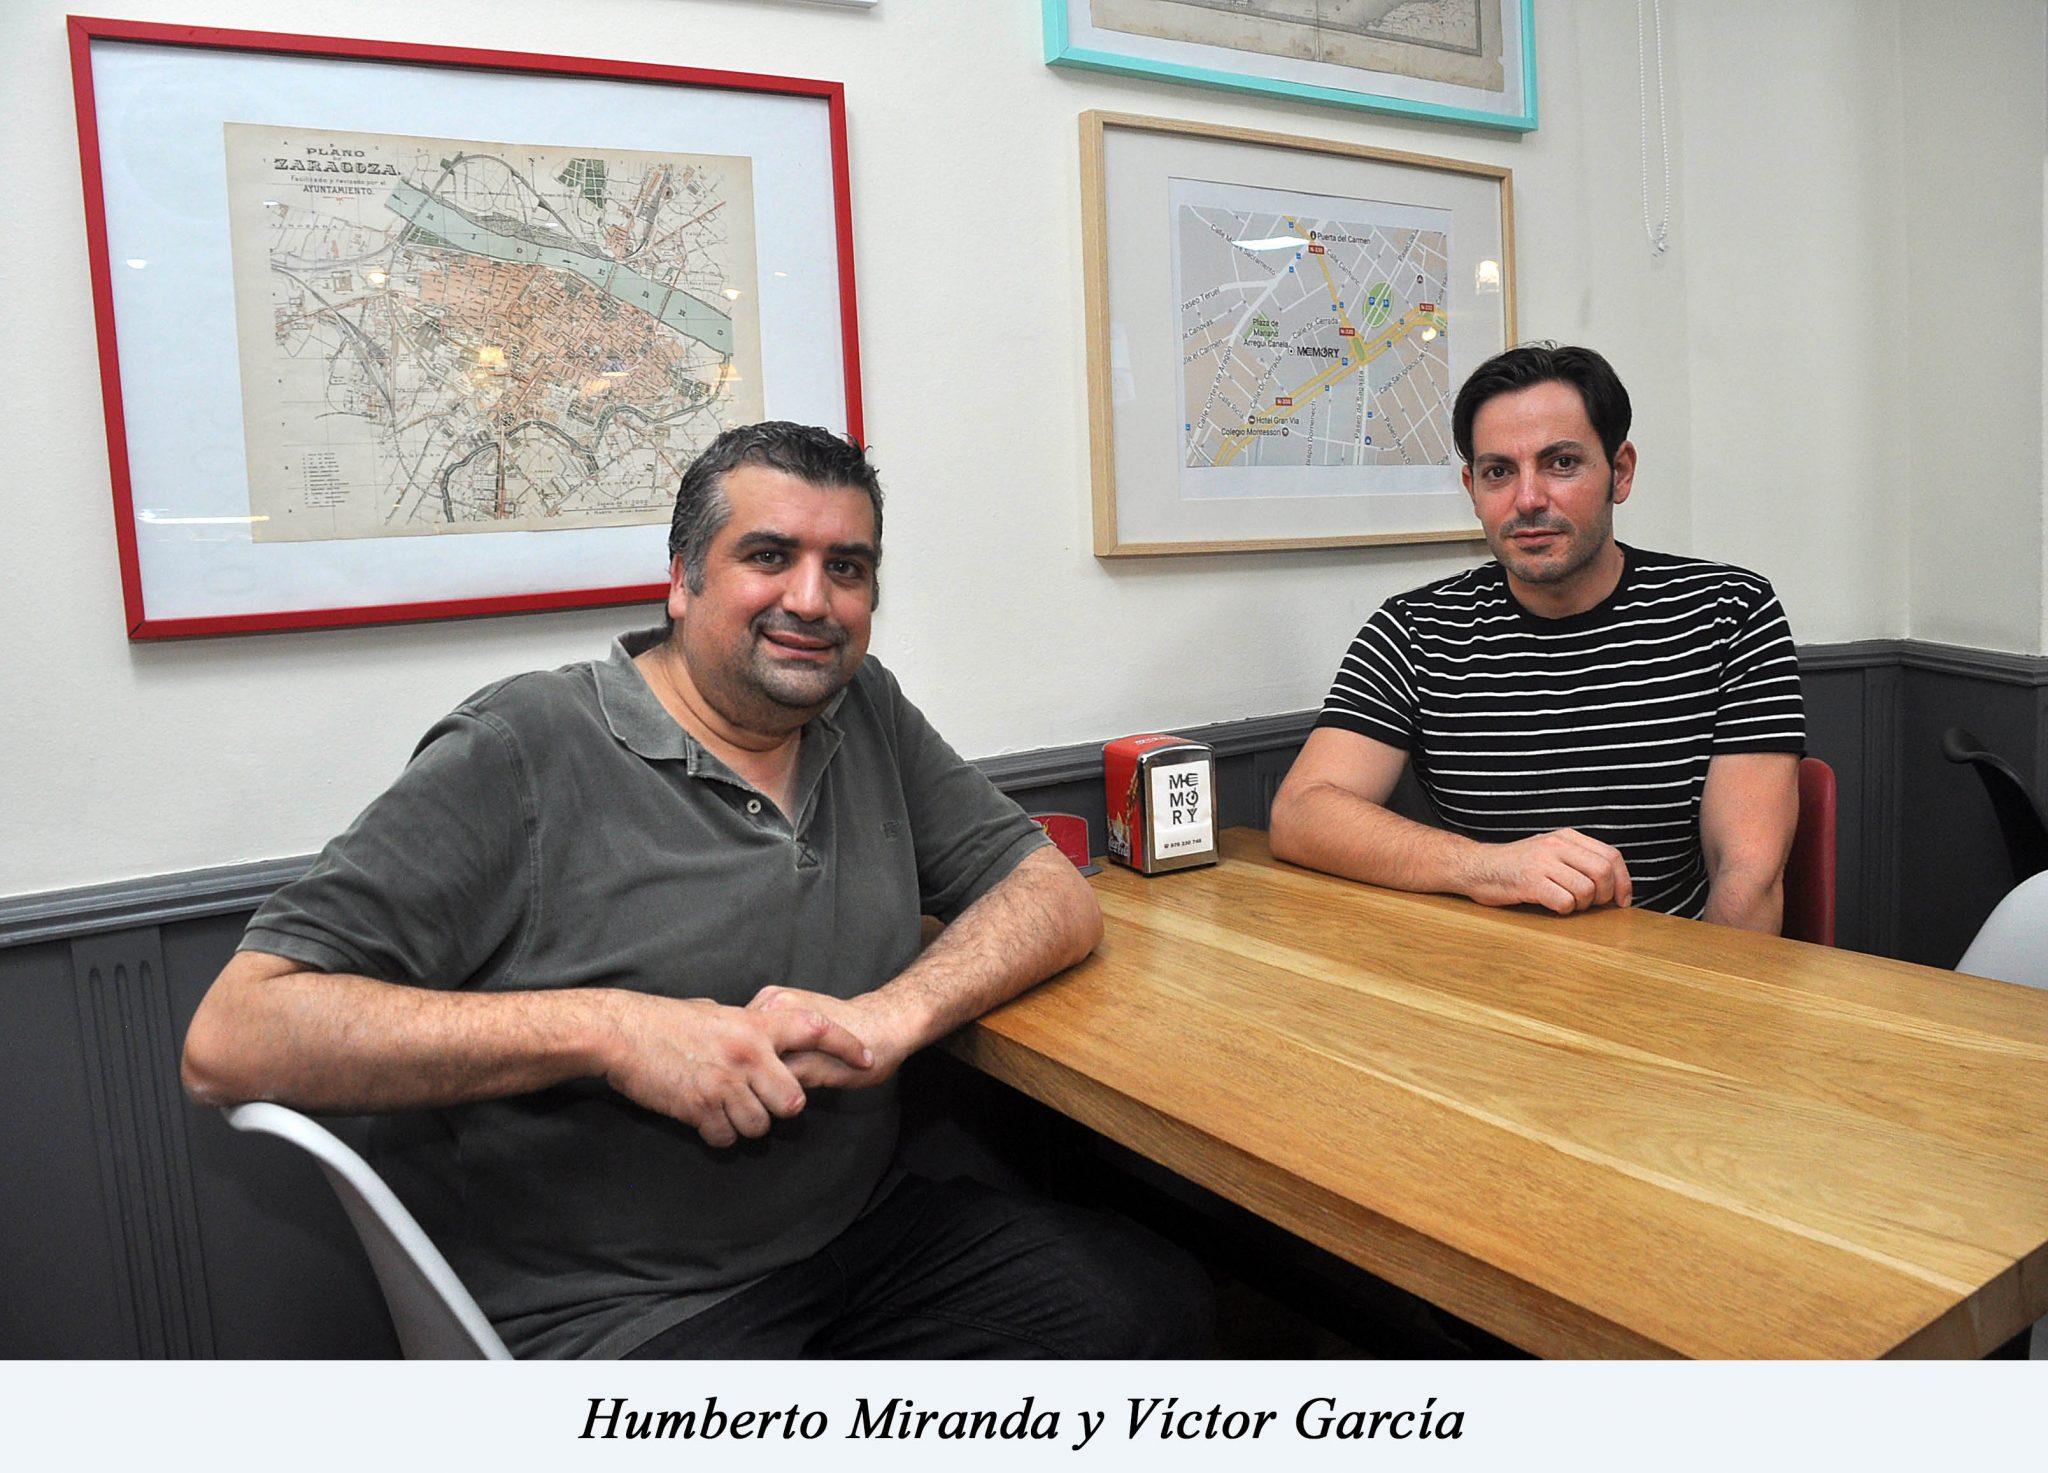 01. Humberto_Miranda_y_Victor_Garcia